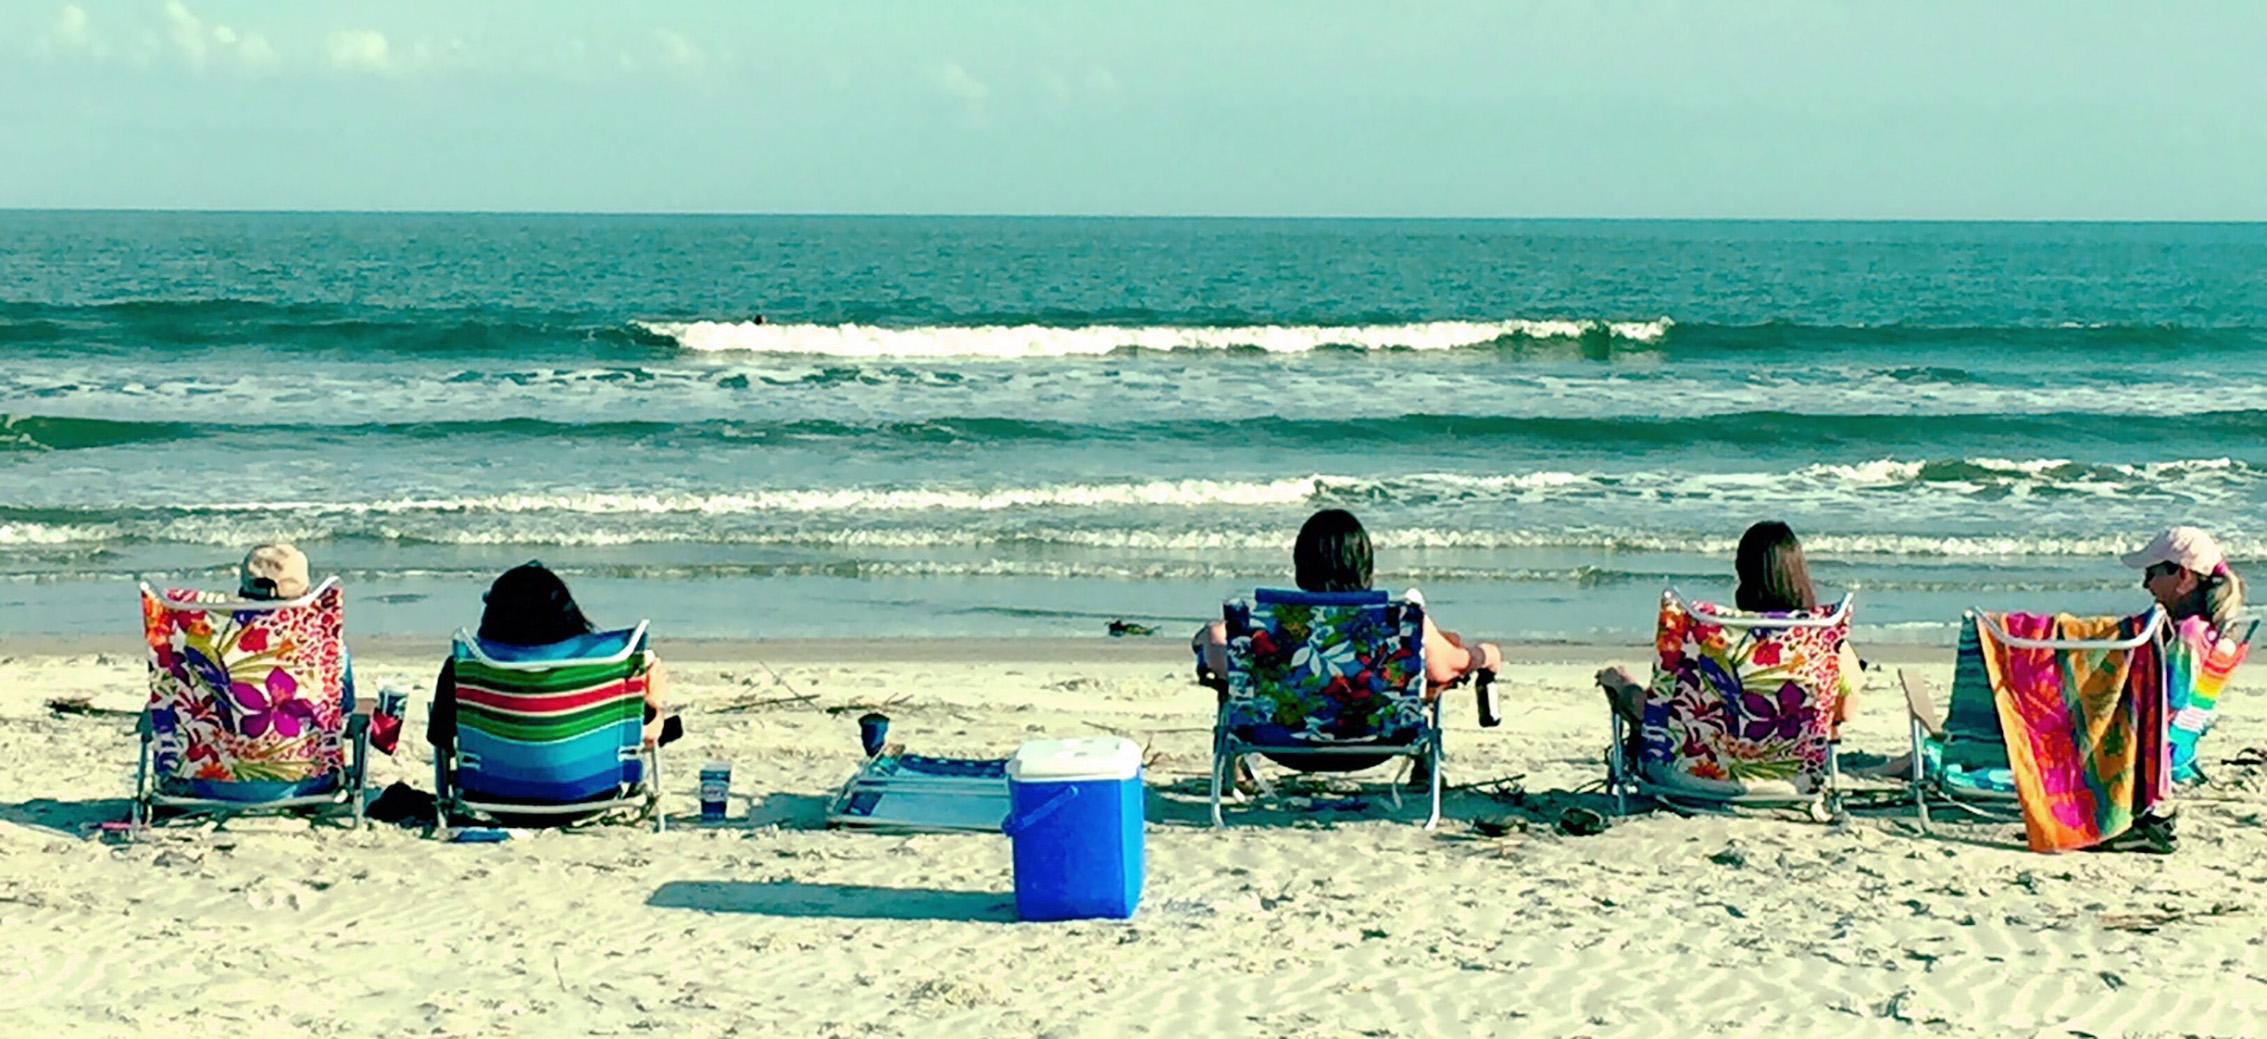 beachlounging